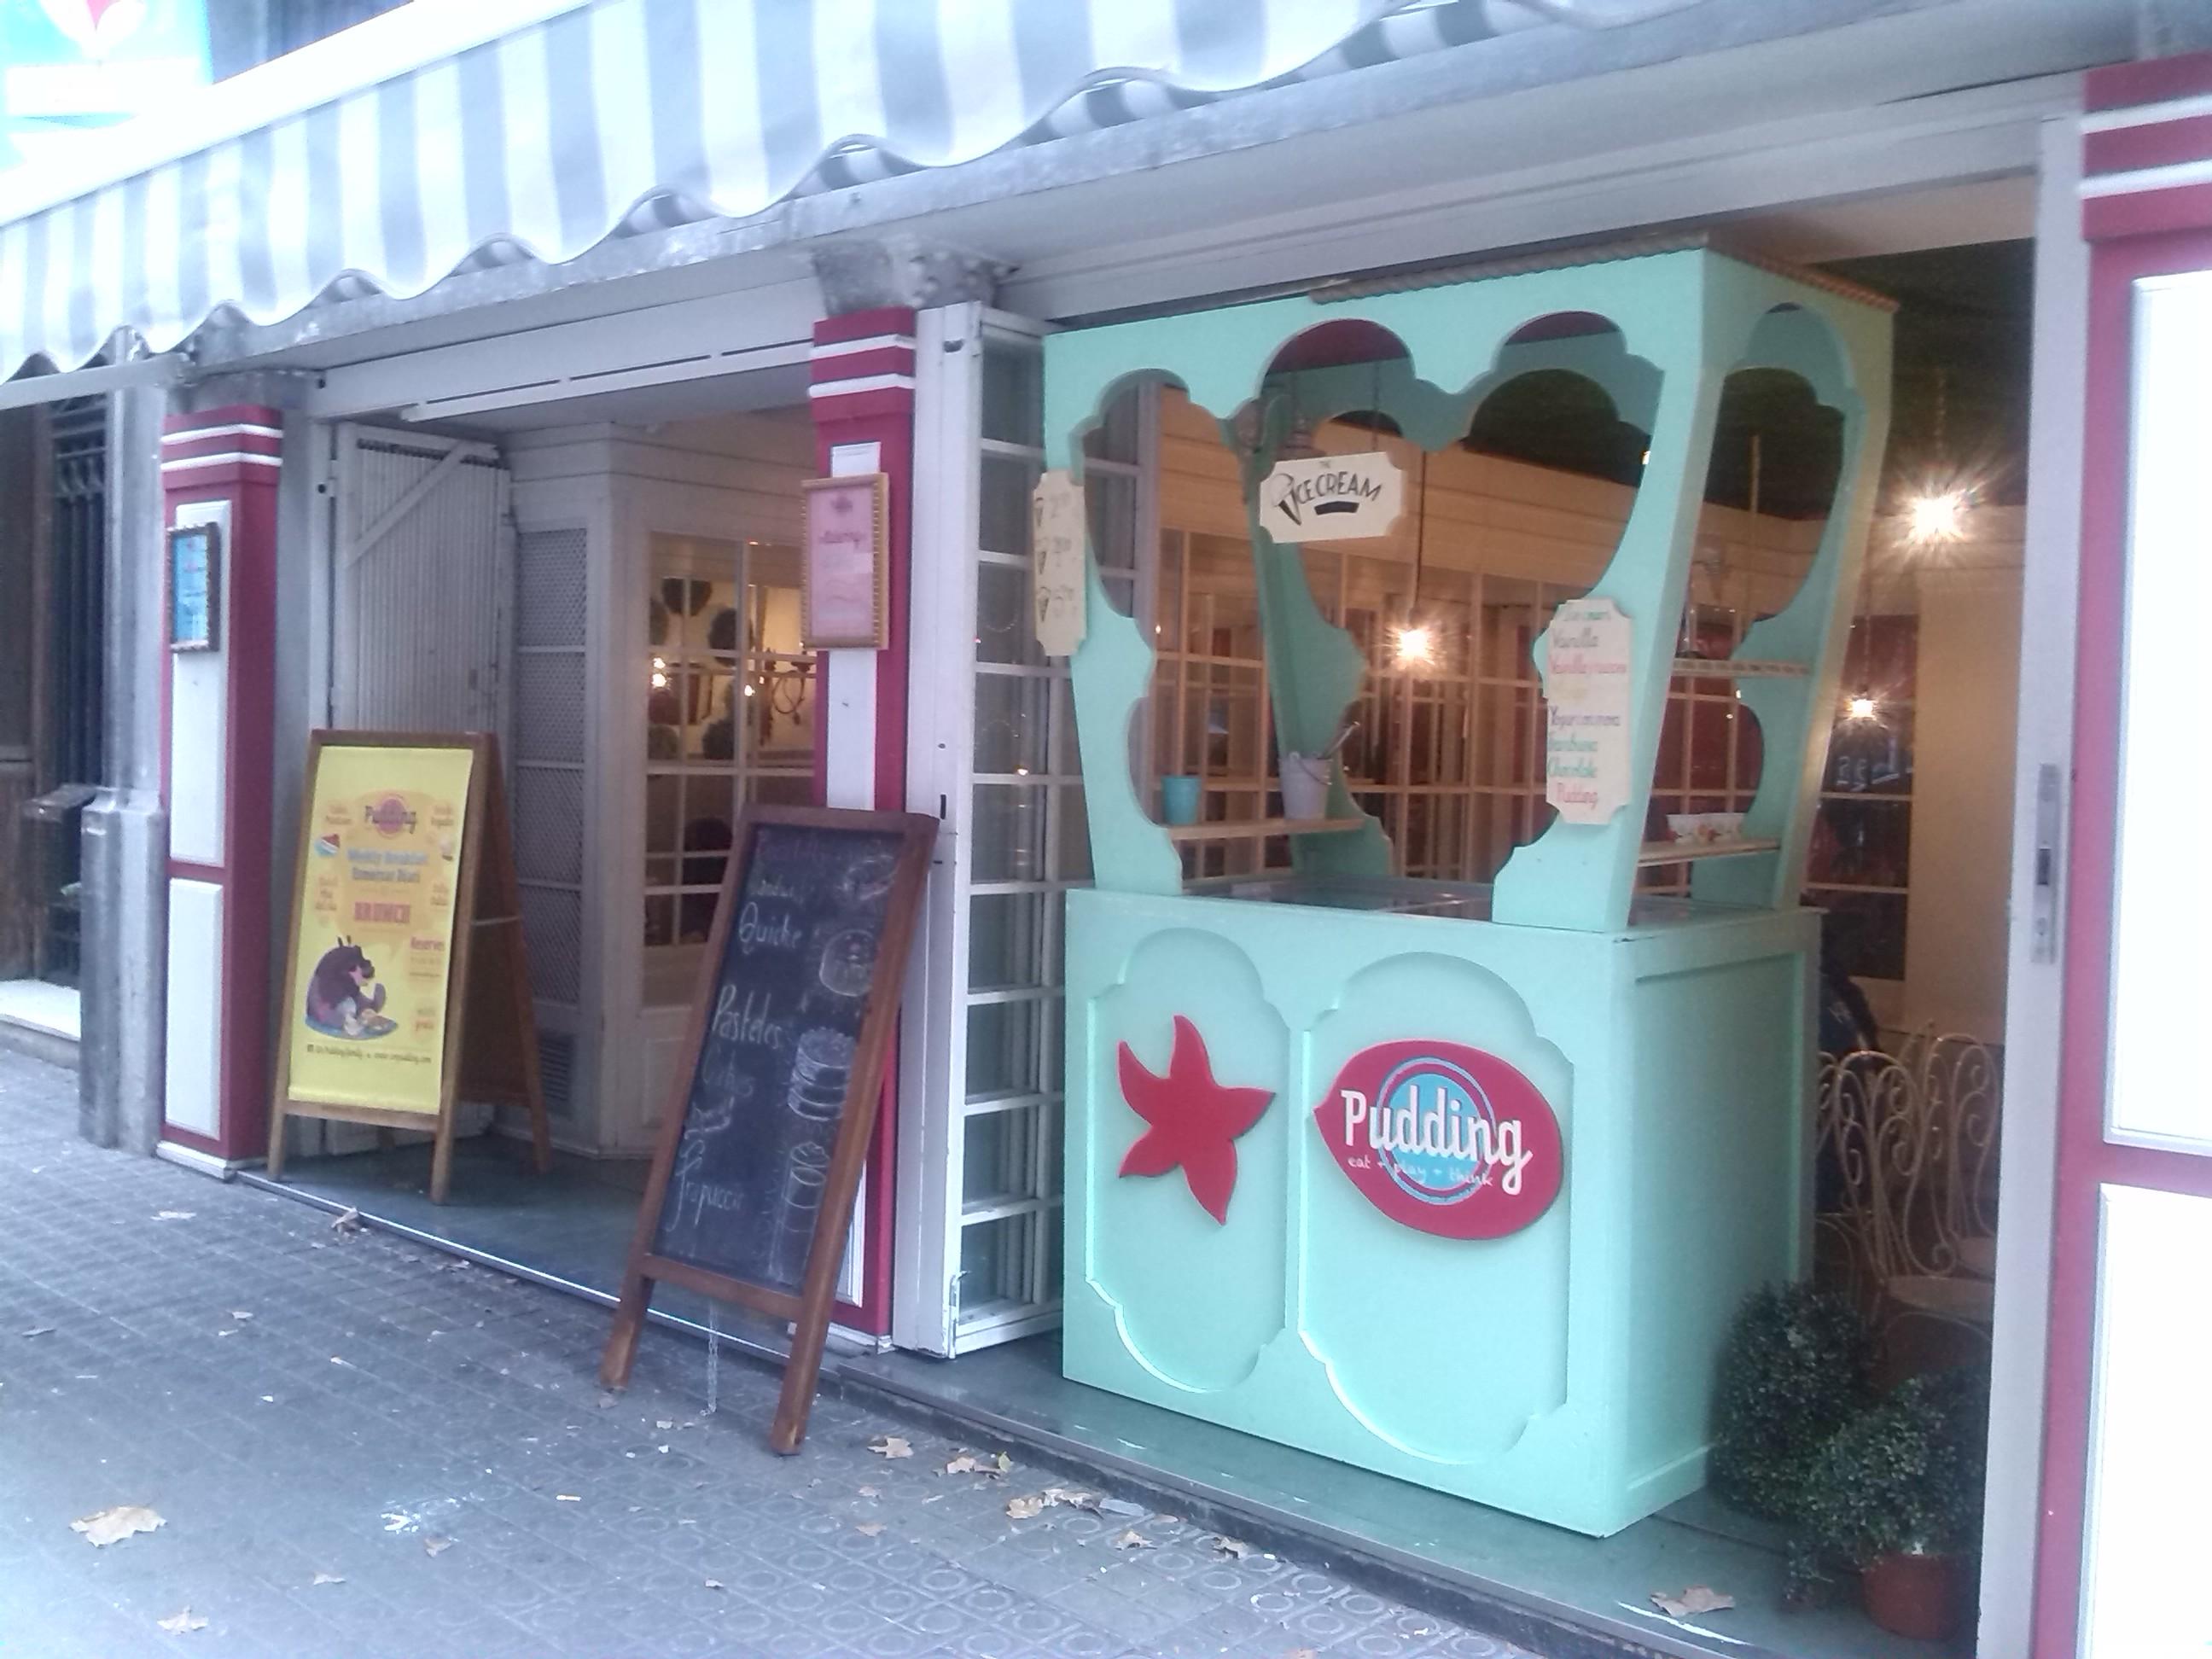 Cafetería original en el centro de Barcelona: Pudding